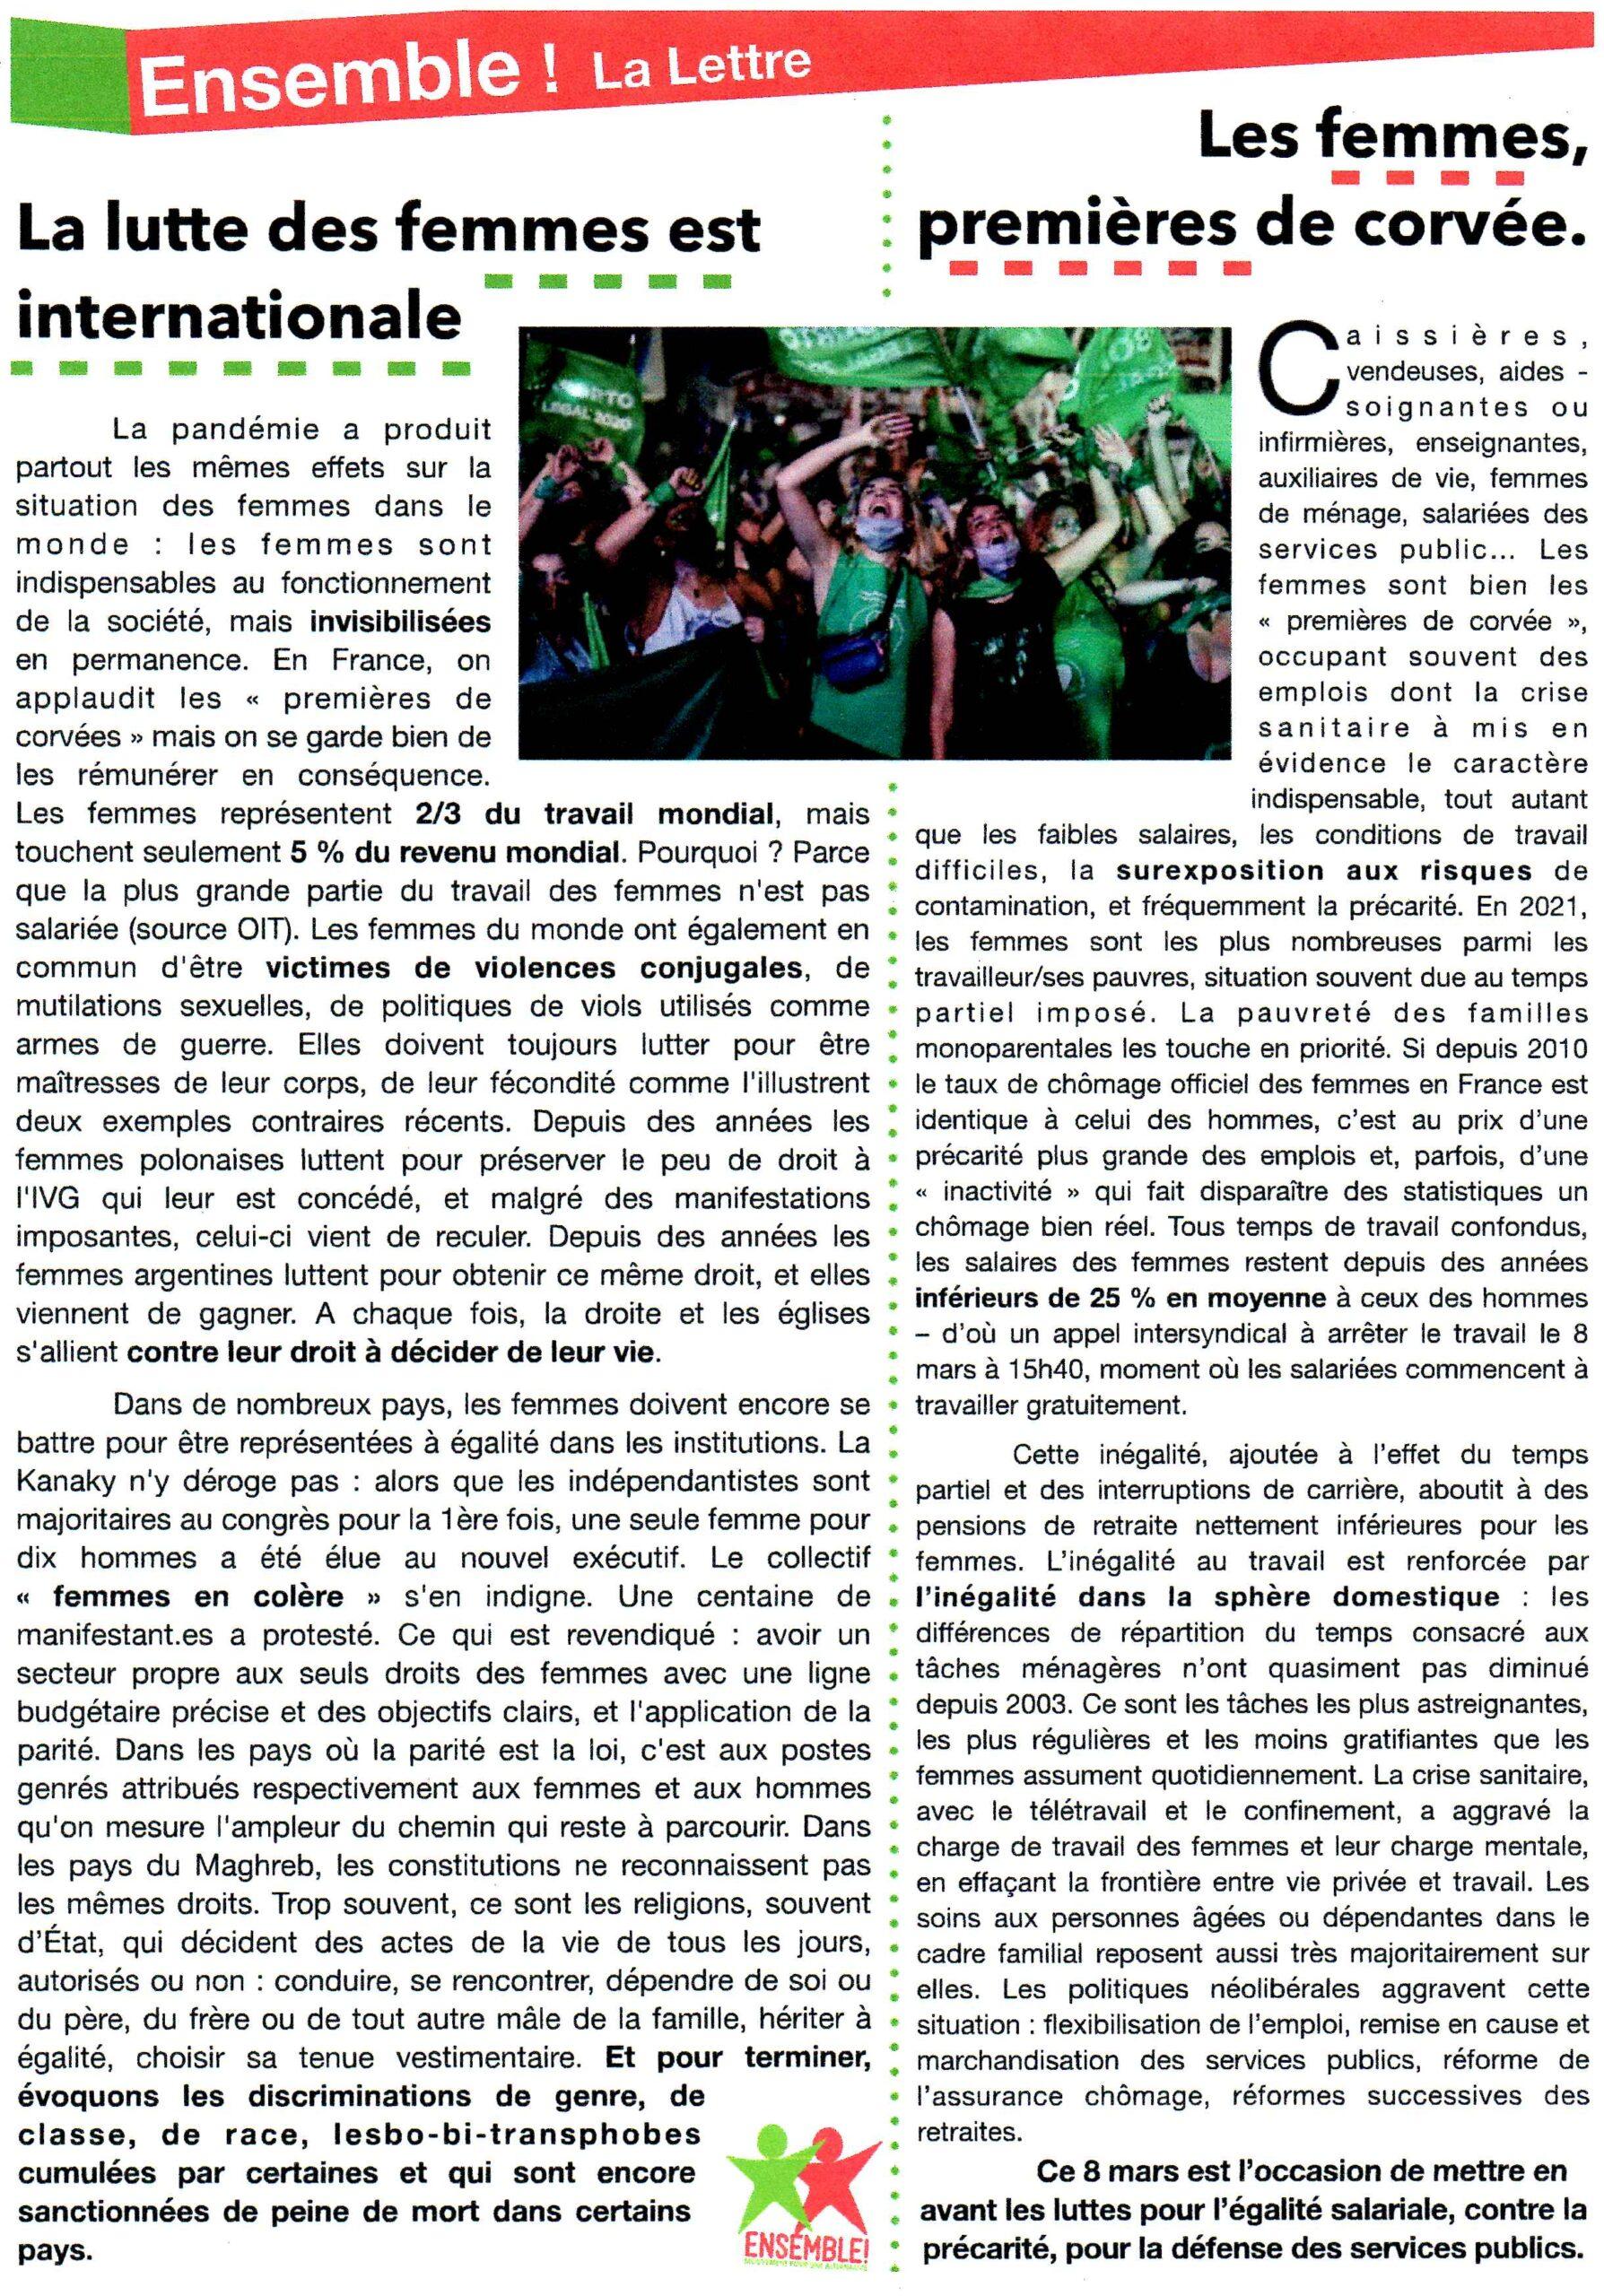 La Lettre d'Ensemble 2021-03-03 Verso